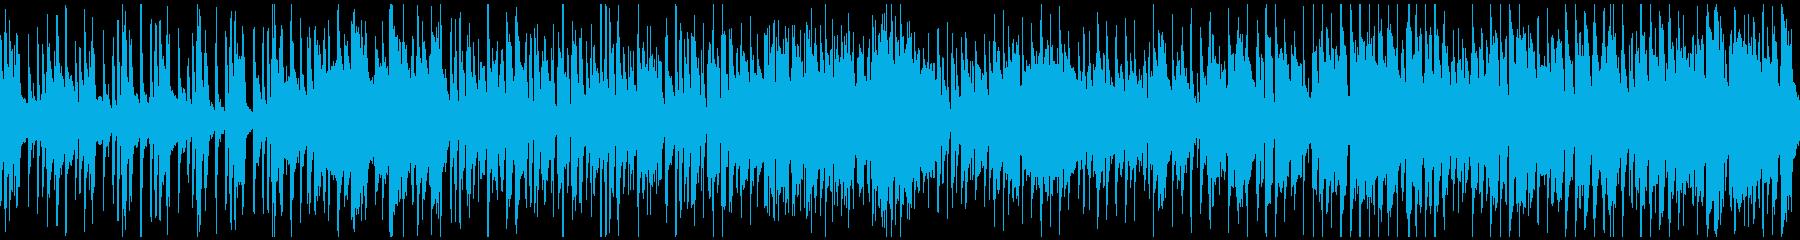 管楽器ファンク、サックス生演奏※ループ版の再生済みの波形